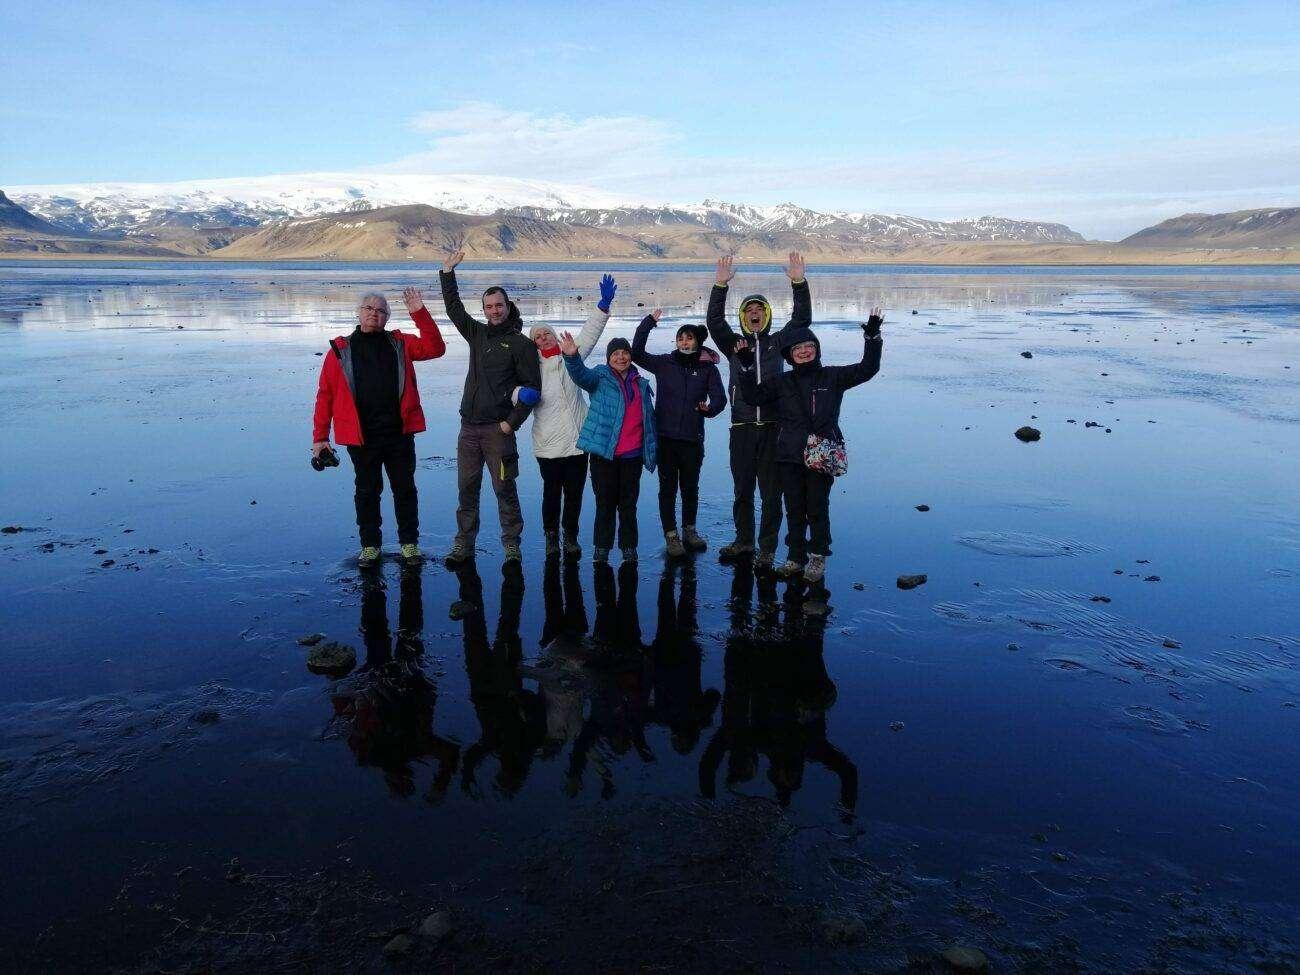 Aurore boreali islanda gruppo felice bassa marea dyrholaey naturaviaggi scaled Viaggio in ISLANDA 12 giorni Tour delle Meraviglie partenza 26 Luglio 2021